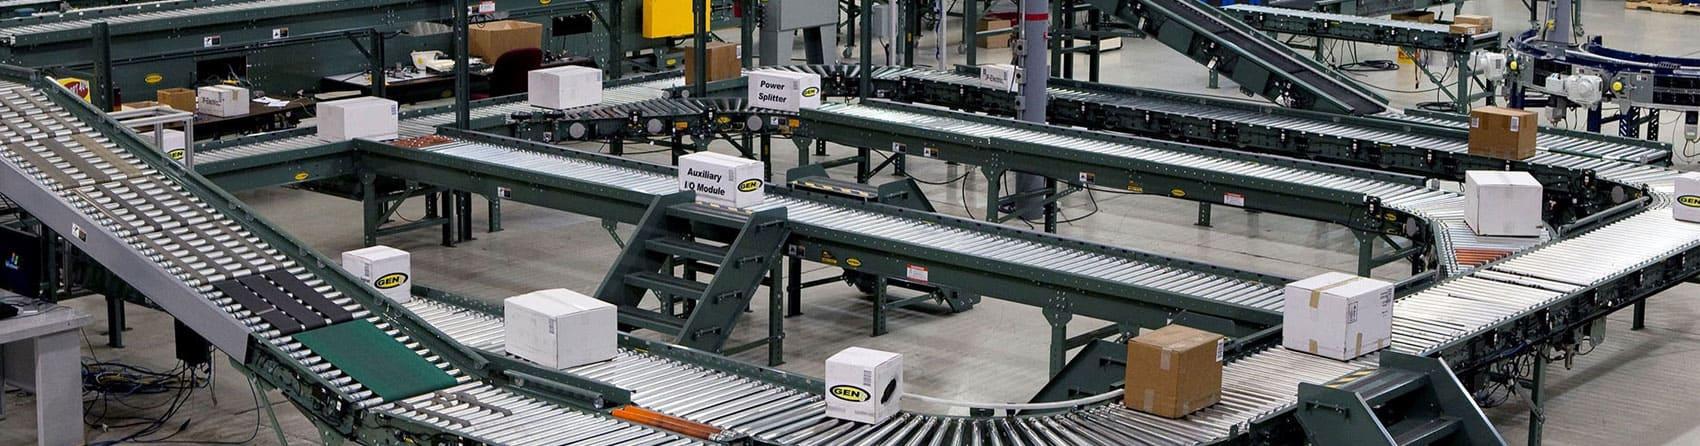 Порядок работы конвейера купить фольксваген транспортер бу в саратовской области